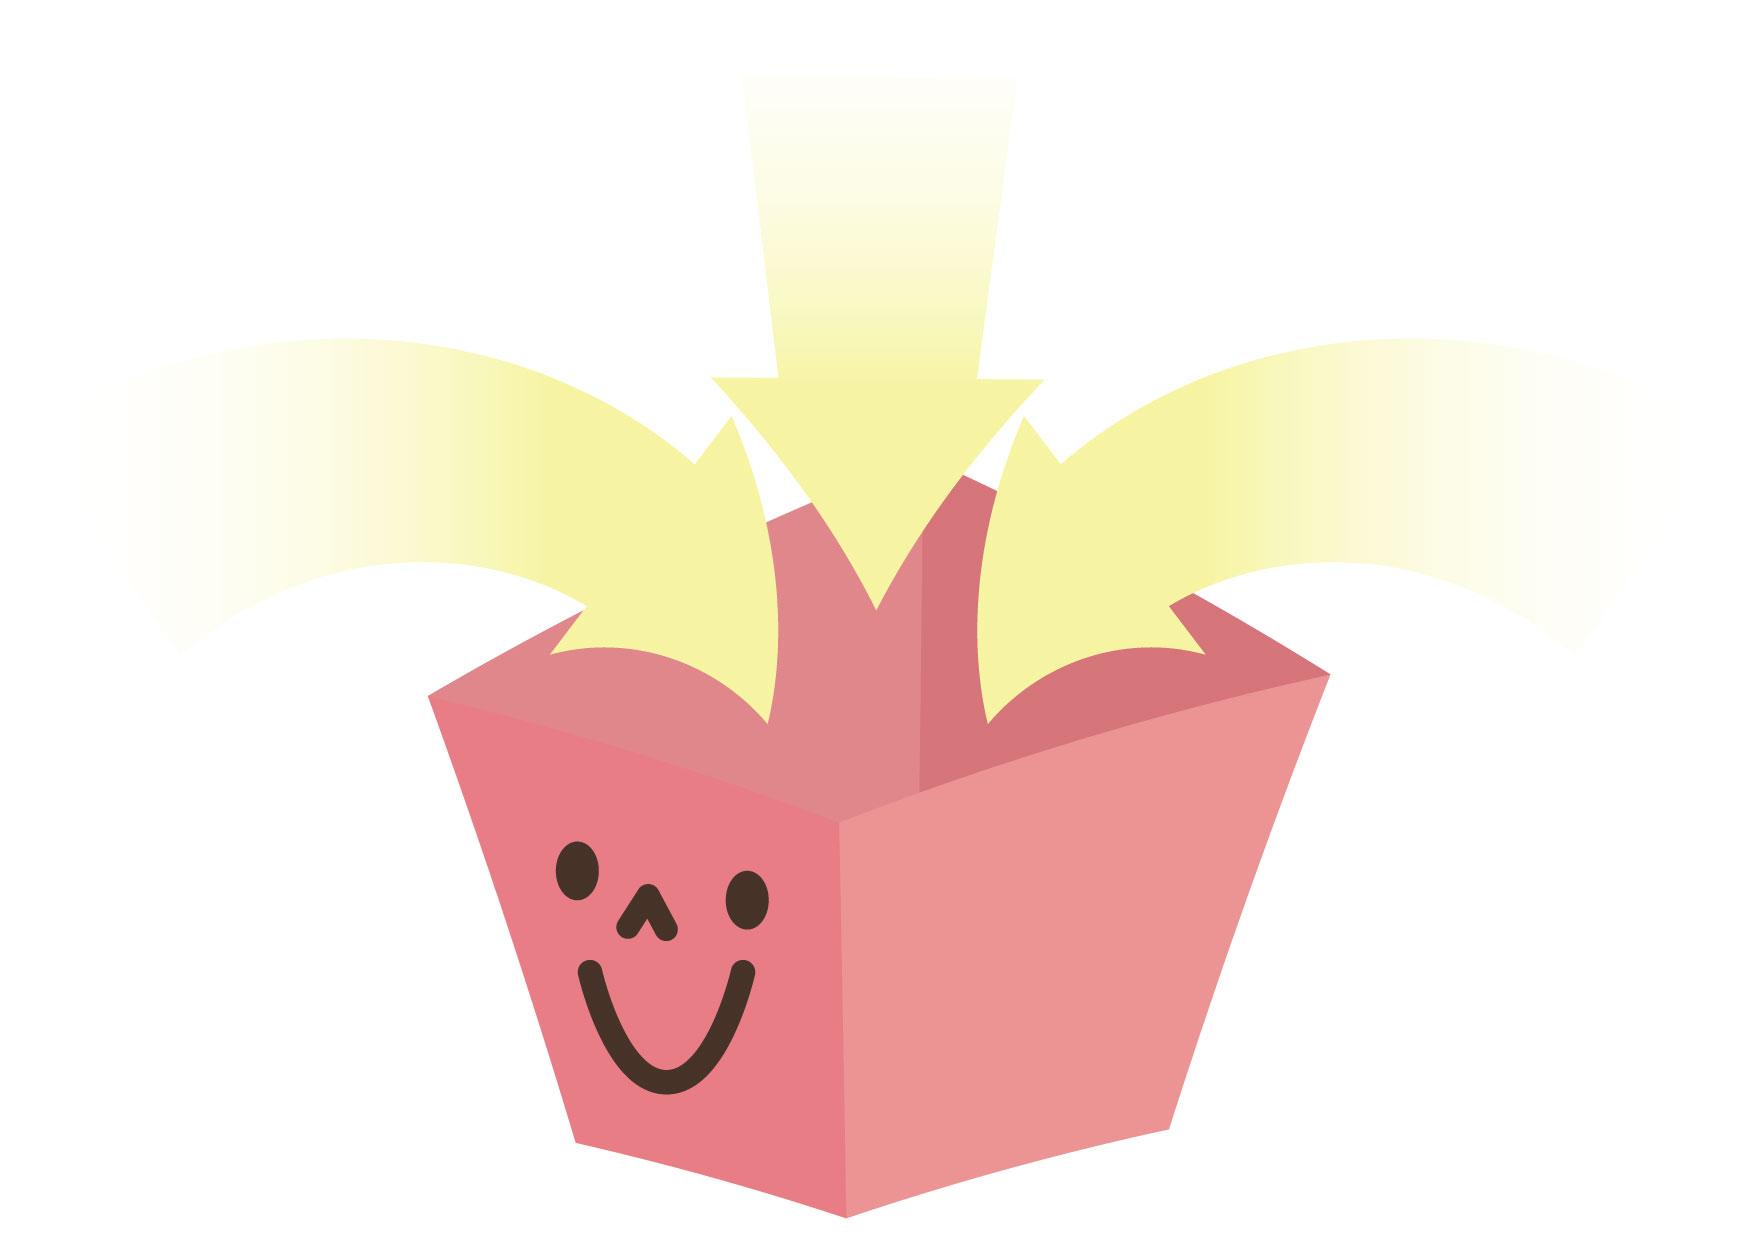 可愛いイラスト無料|箱 入る 矢印 ピンク − free illustration Box entering arrow pink